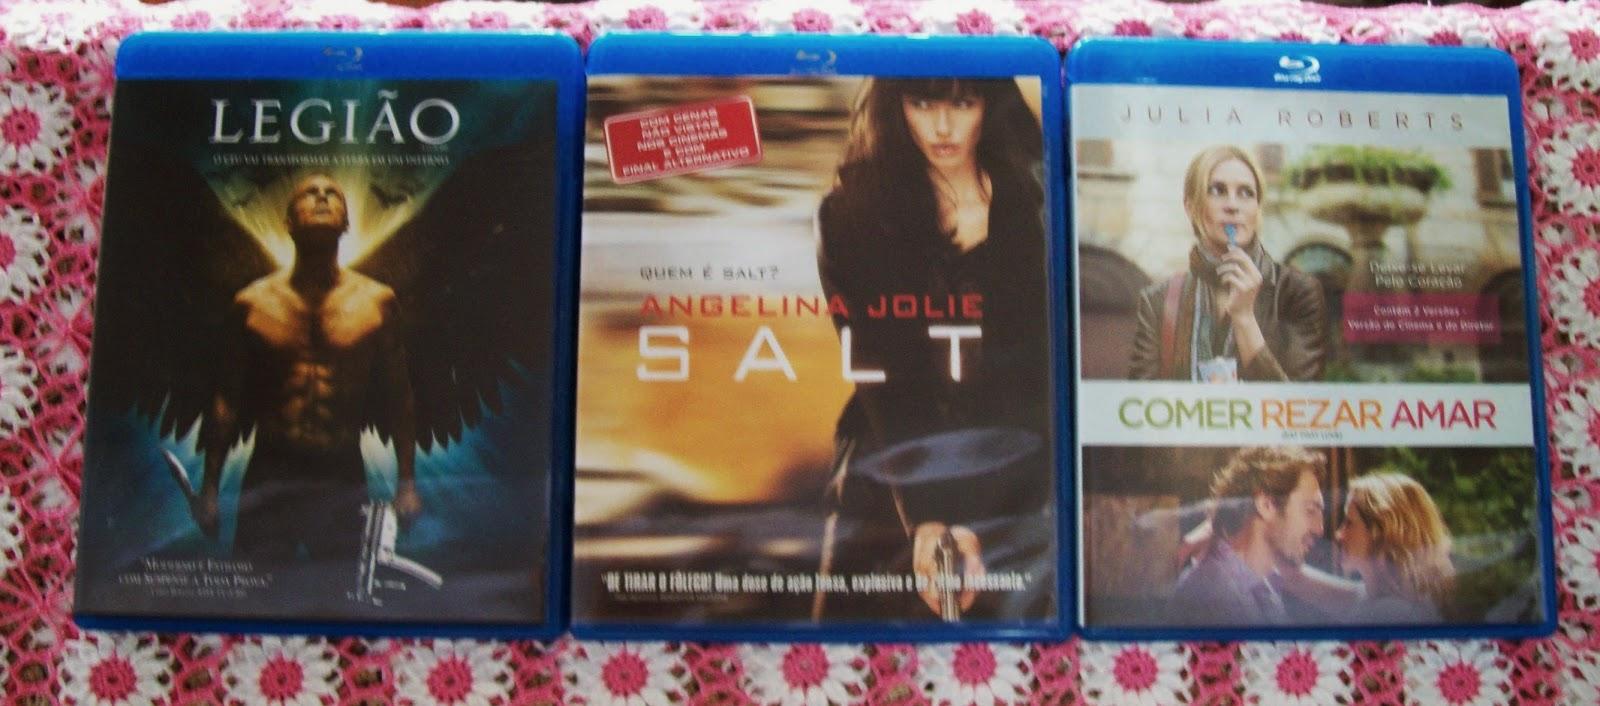 Blu-ray disc Filmes: Legião, Salt e Comer Rezar amar